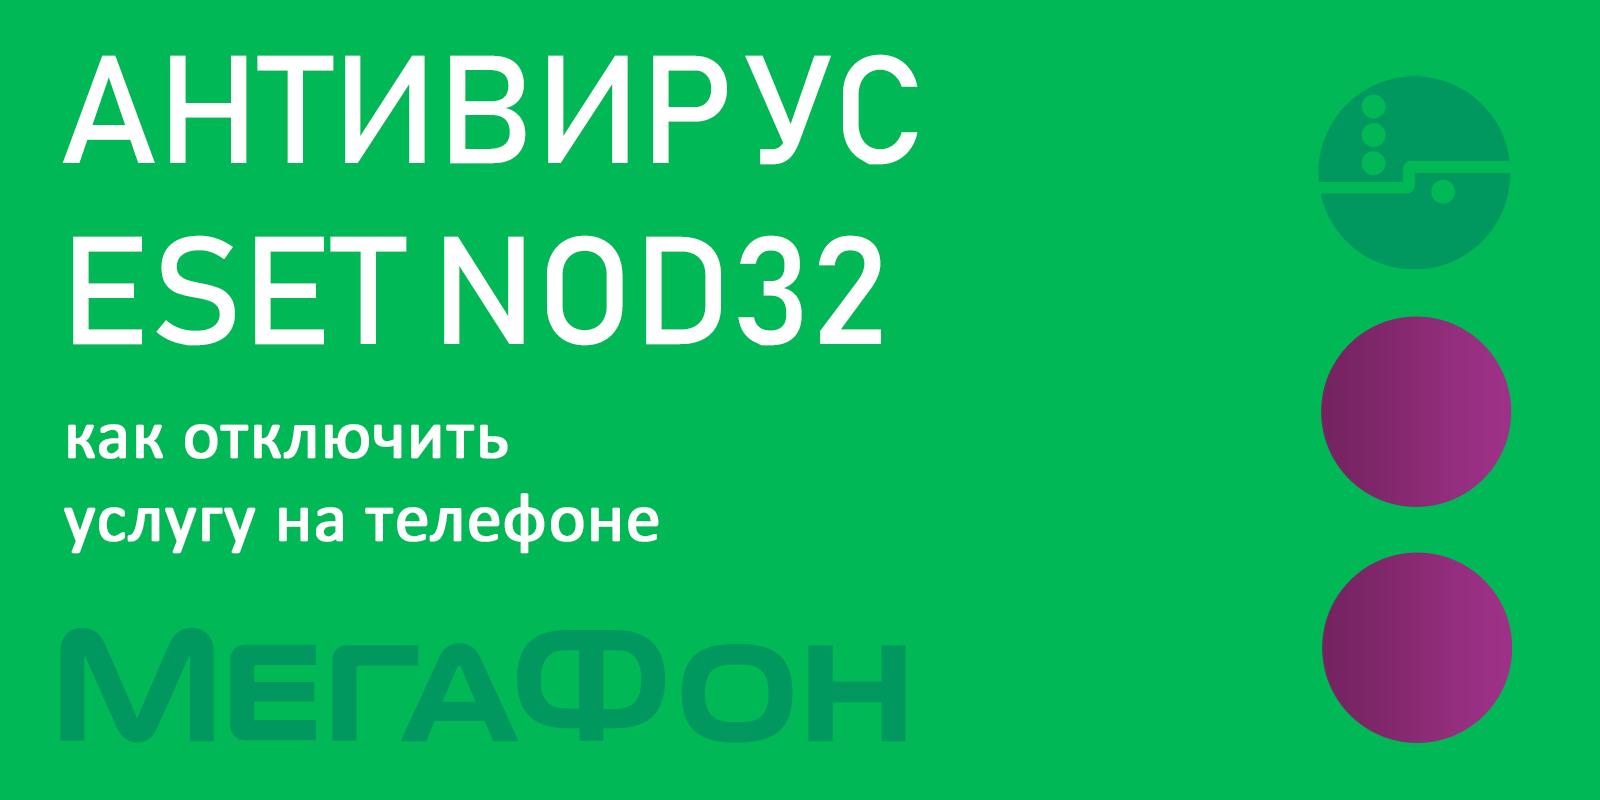 Антивирус ESET NOD32 от Мегафон - как подключить и отключить